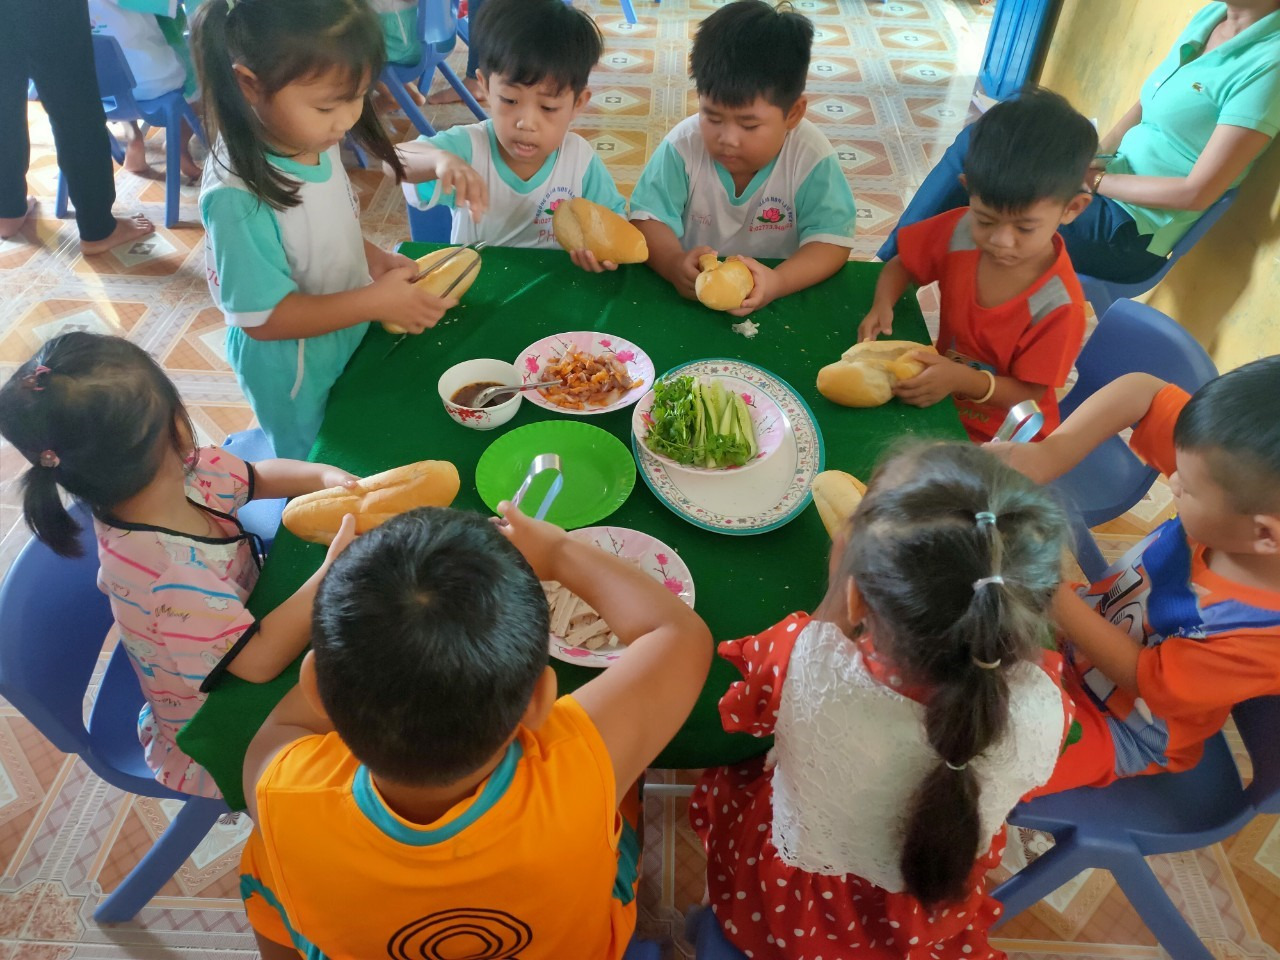 Các bé chăm chú cản thận làm bánh mì theo các bước cô đã hướng dẫn